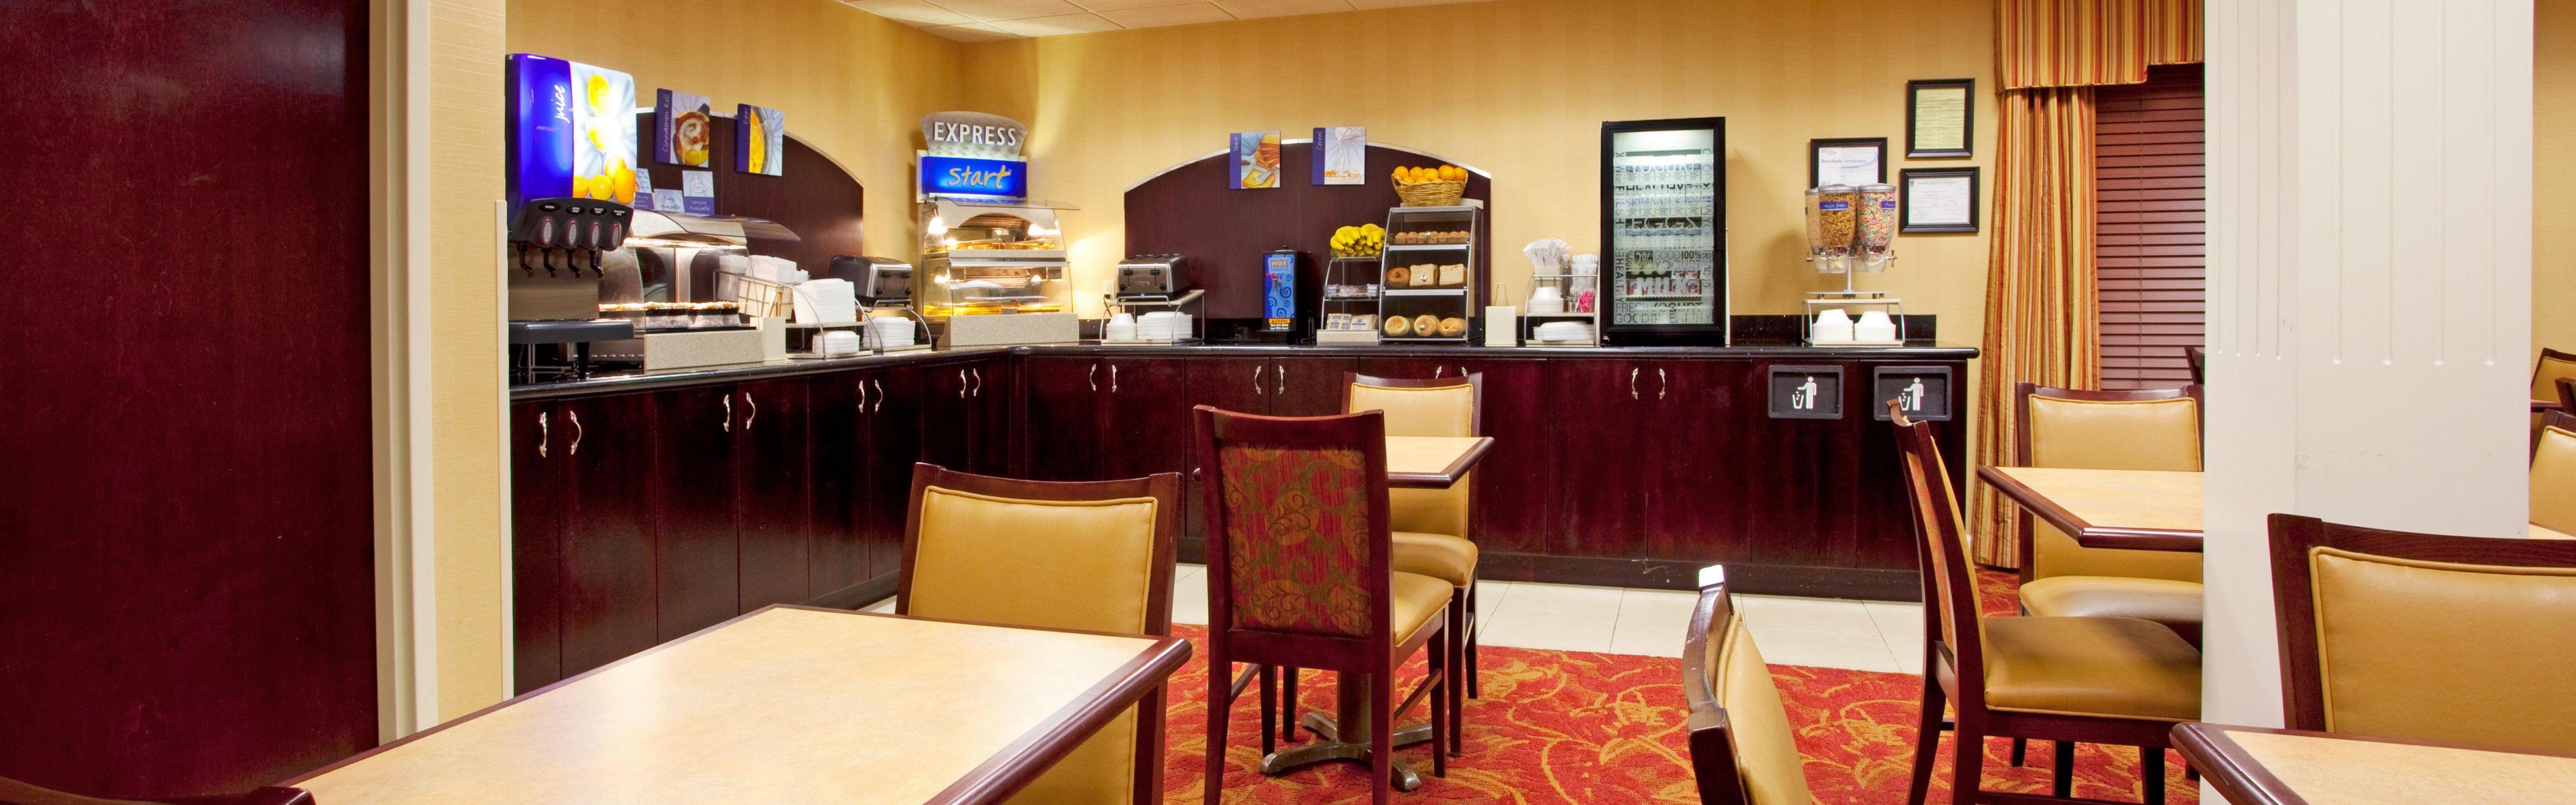 Holiday Inn Express Savannah-I-95 North image 3